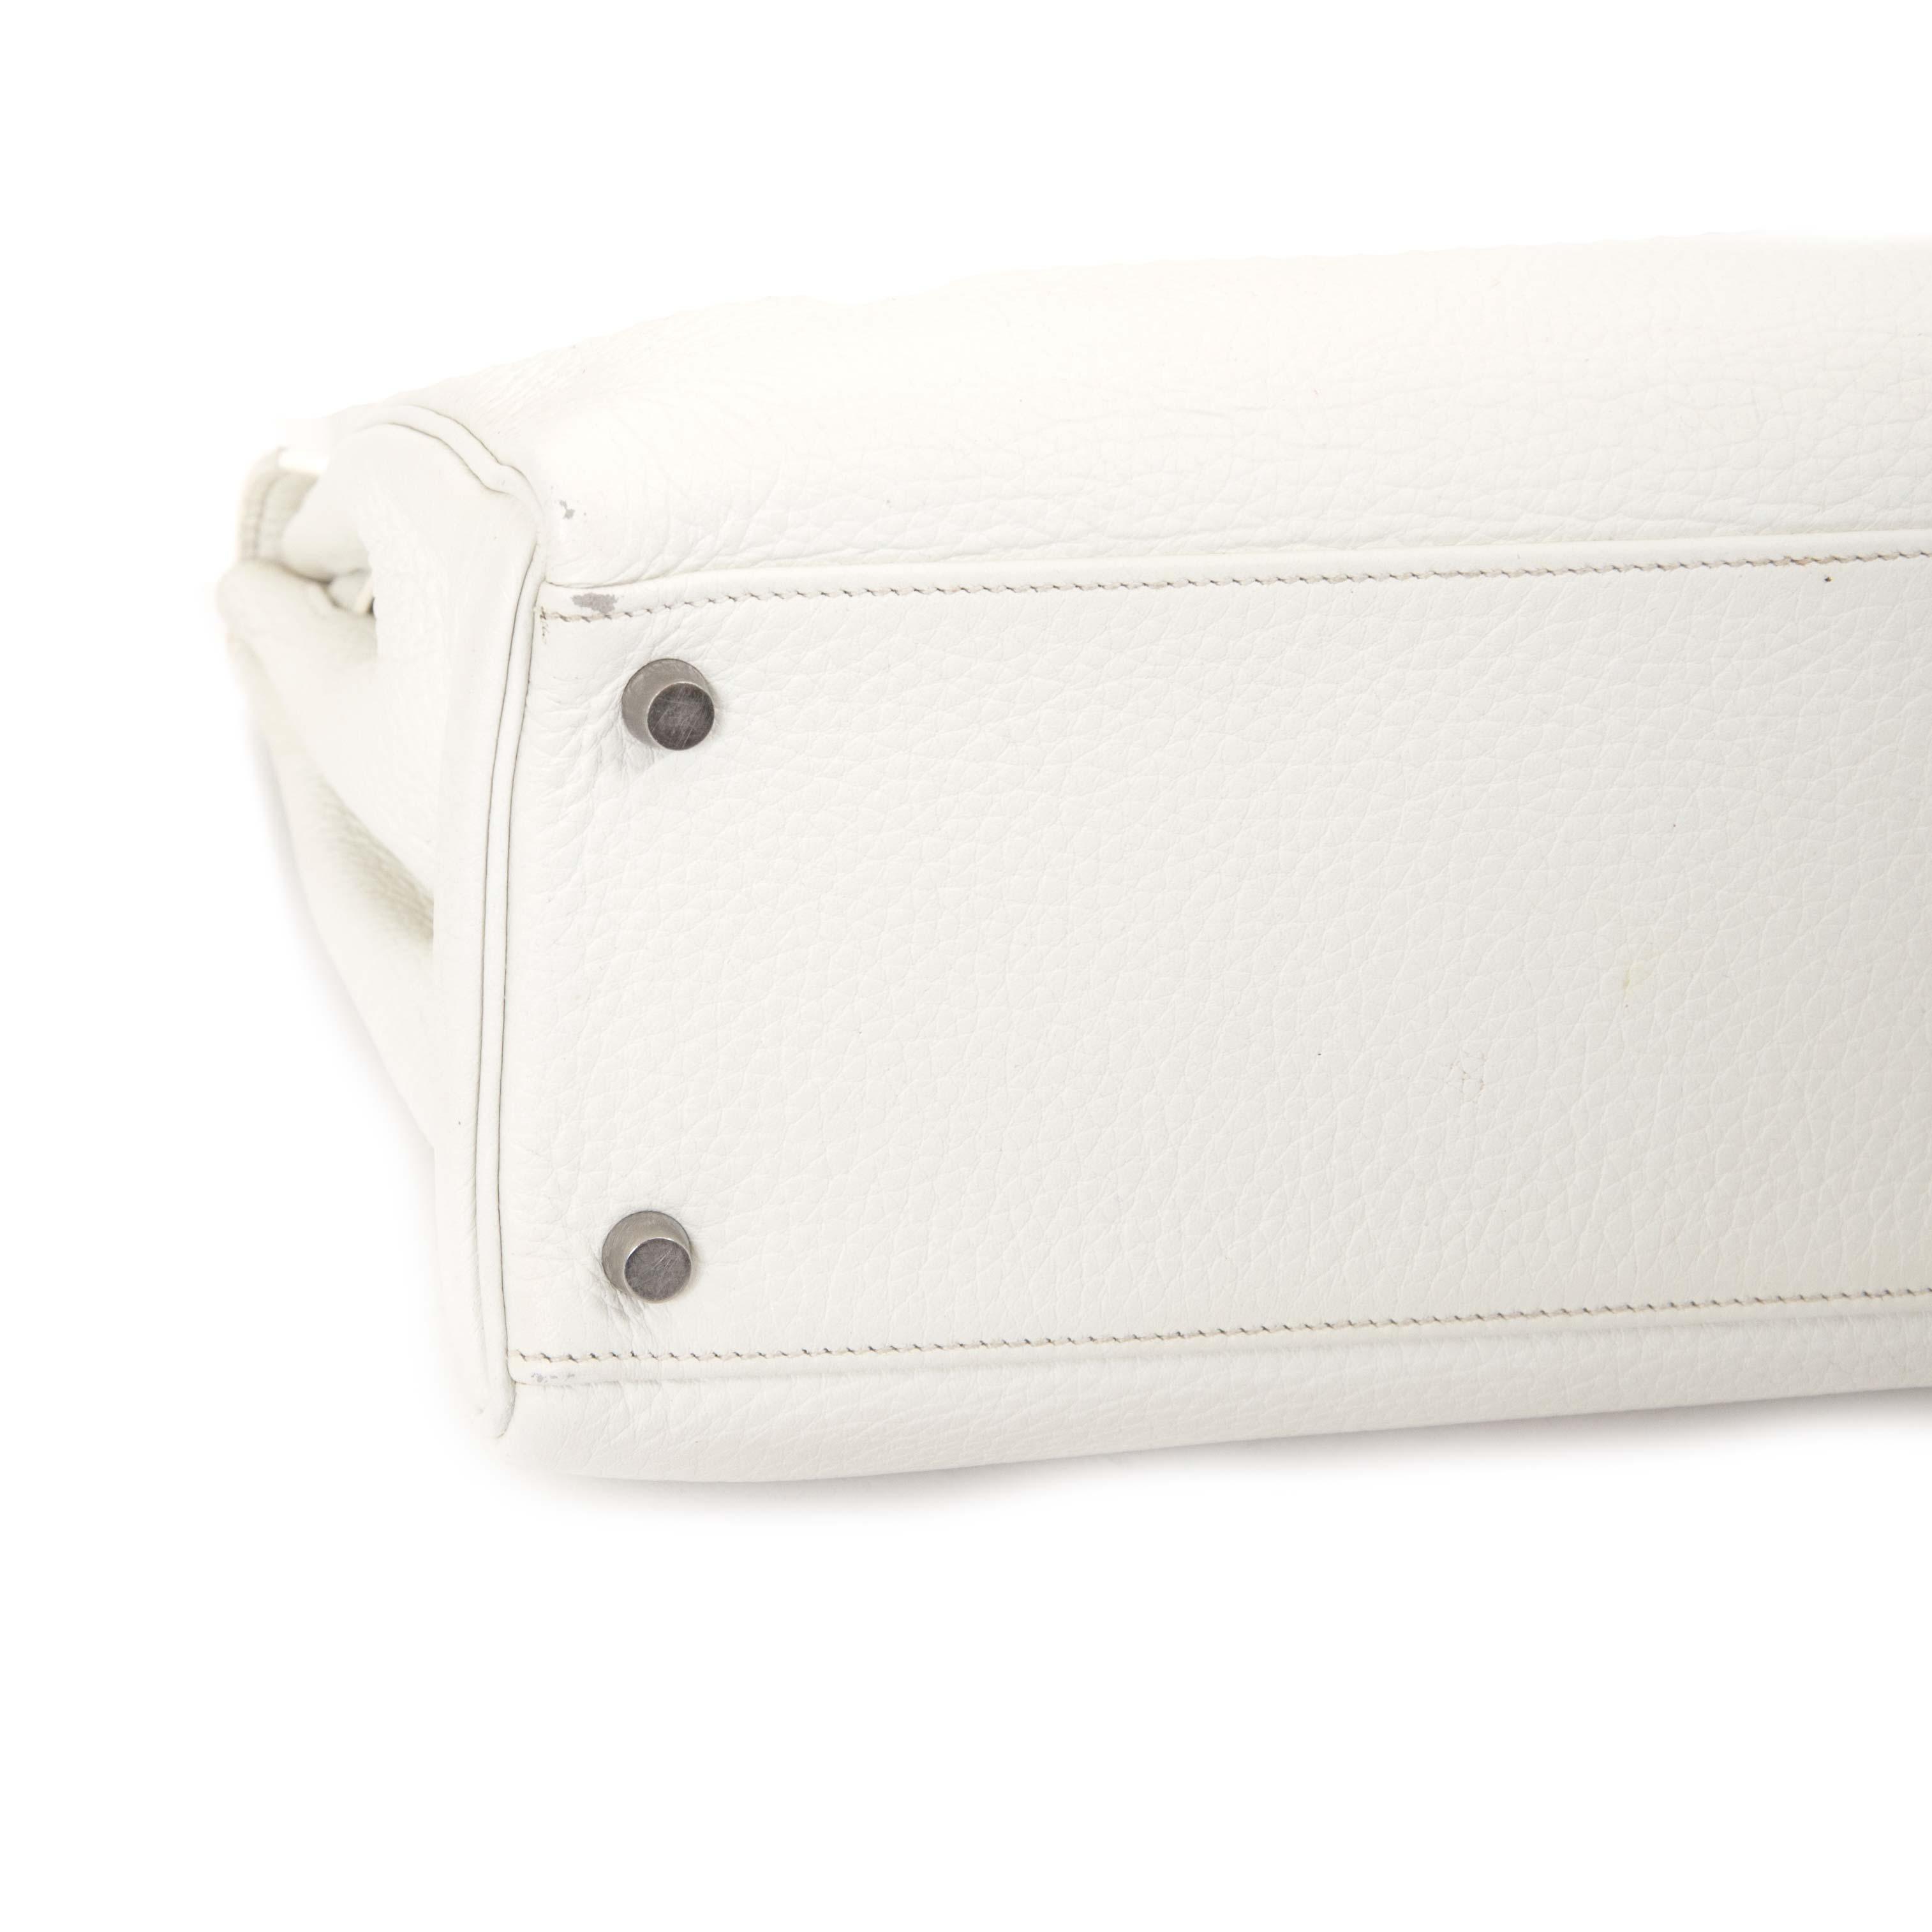 Koop tweedehands luxe tassen van Hermes bij Labellov